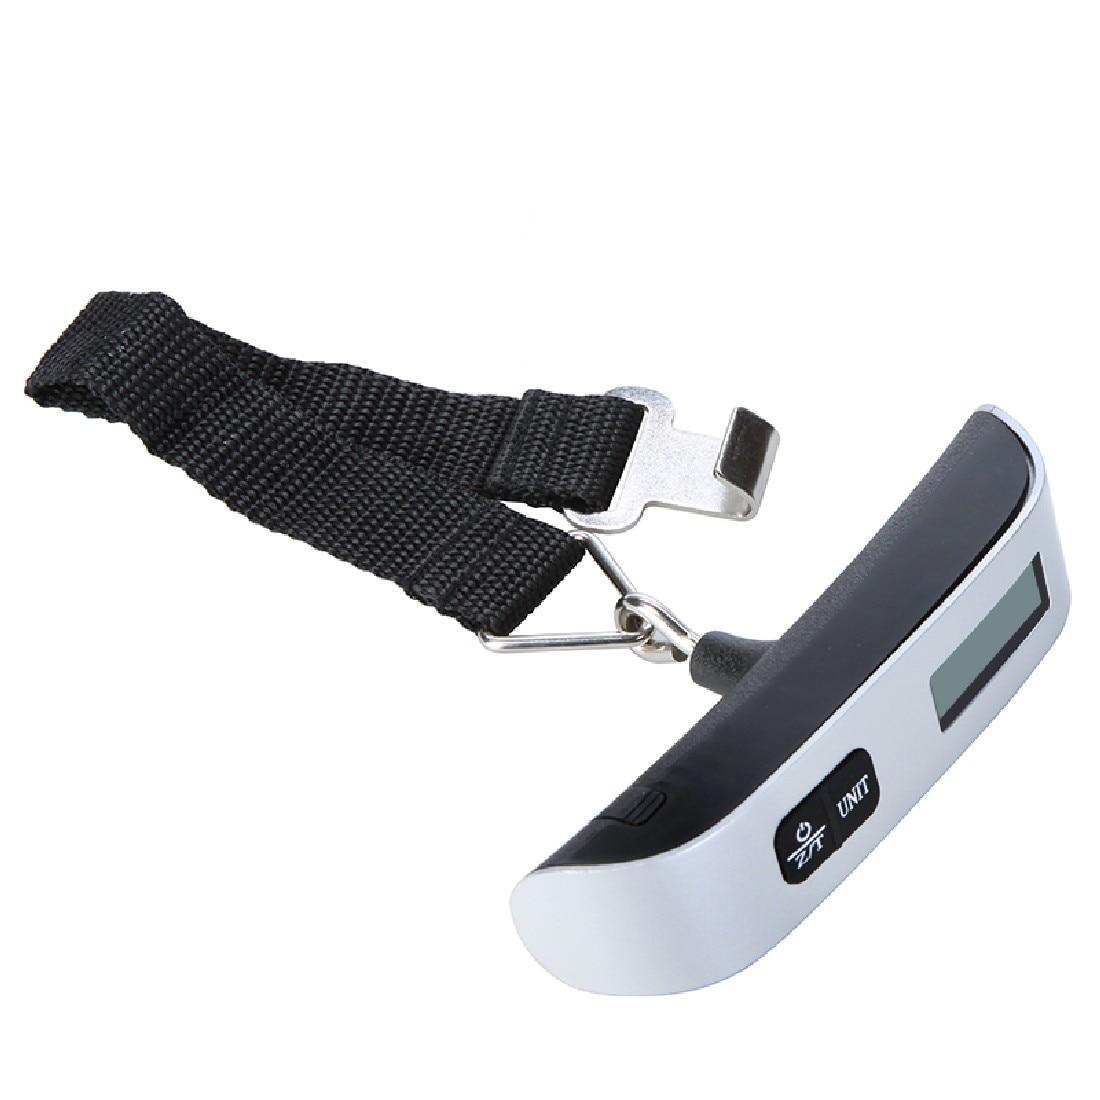 50 kg/110lb Cintura Gancio Bilancia LCD Elettronico Digitale Bilancia Per I Viaggi Valigia Bagaglio Appeso Bilancia s Peso di Mano held